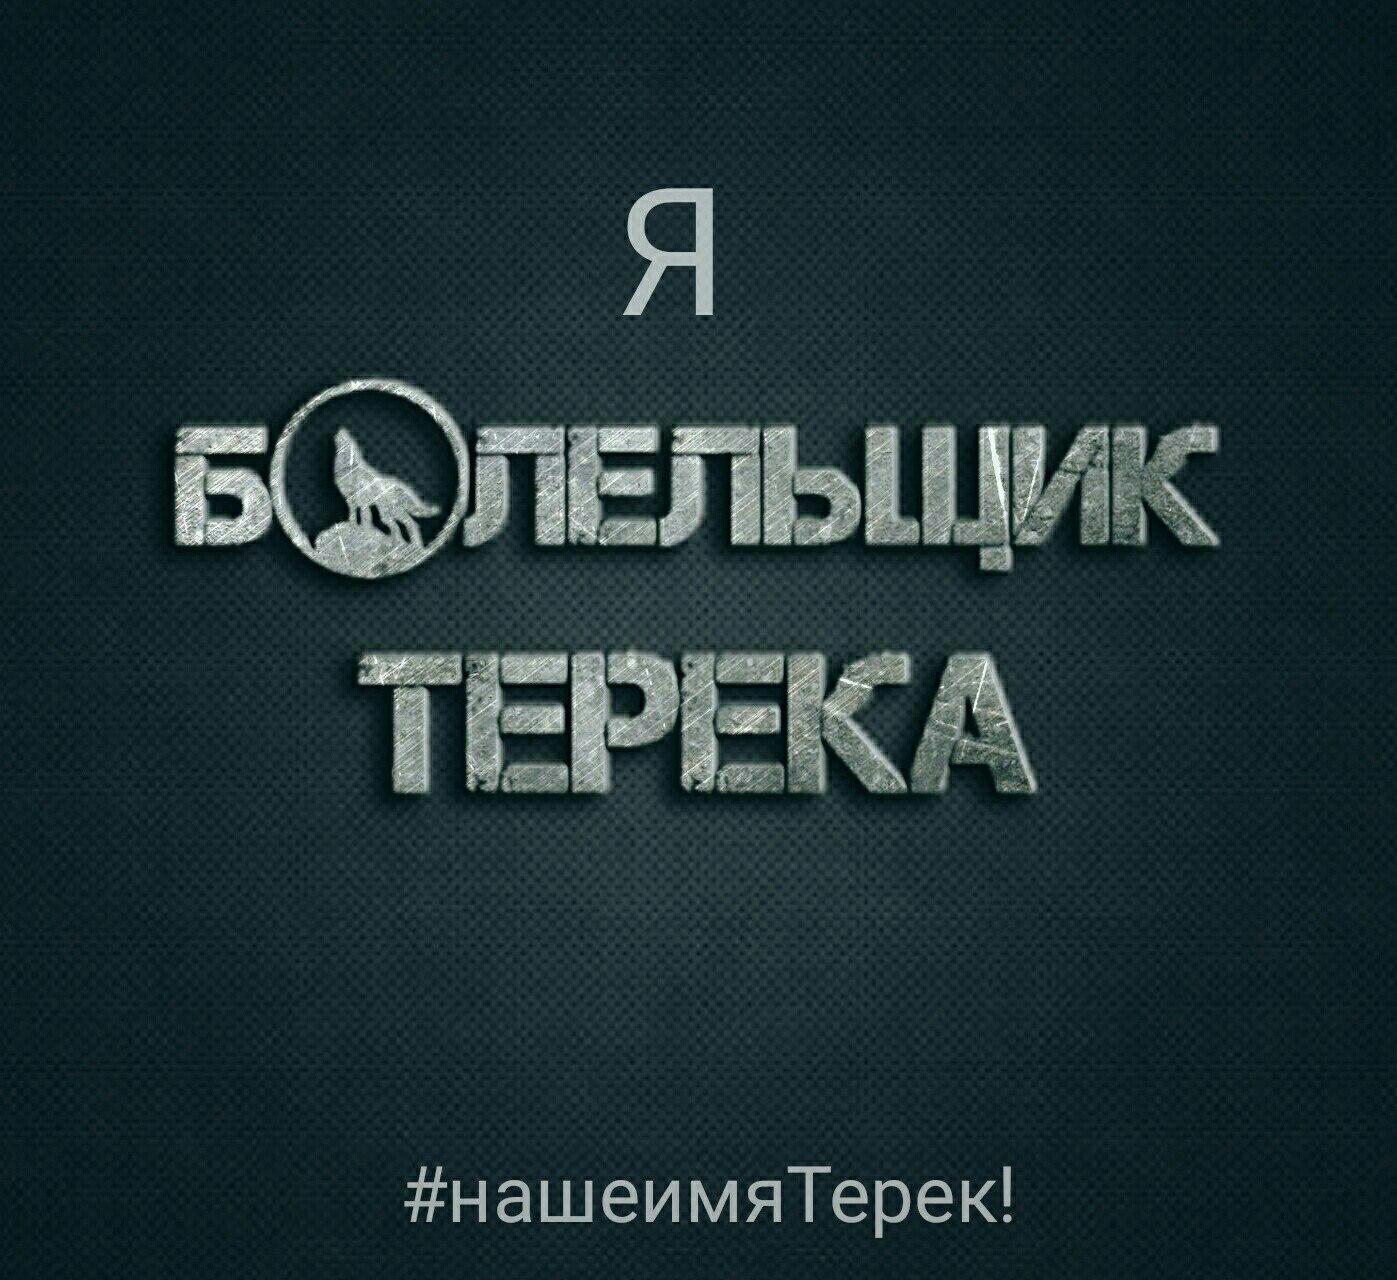 """Болельщики """"Терека"""" выступили против переименования клуба в """"Ахмат"""""""